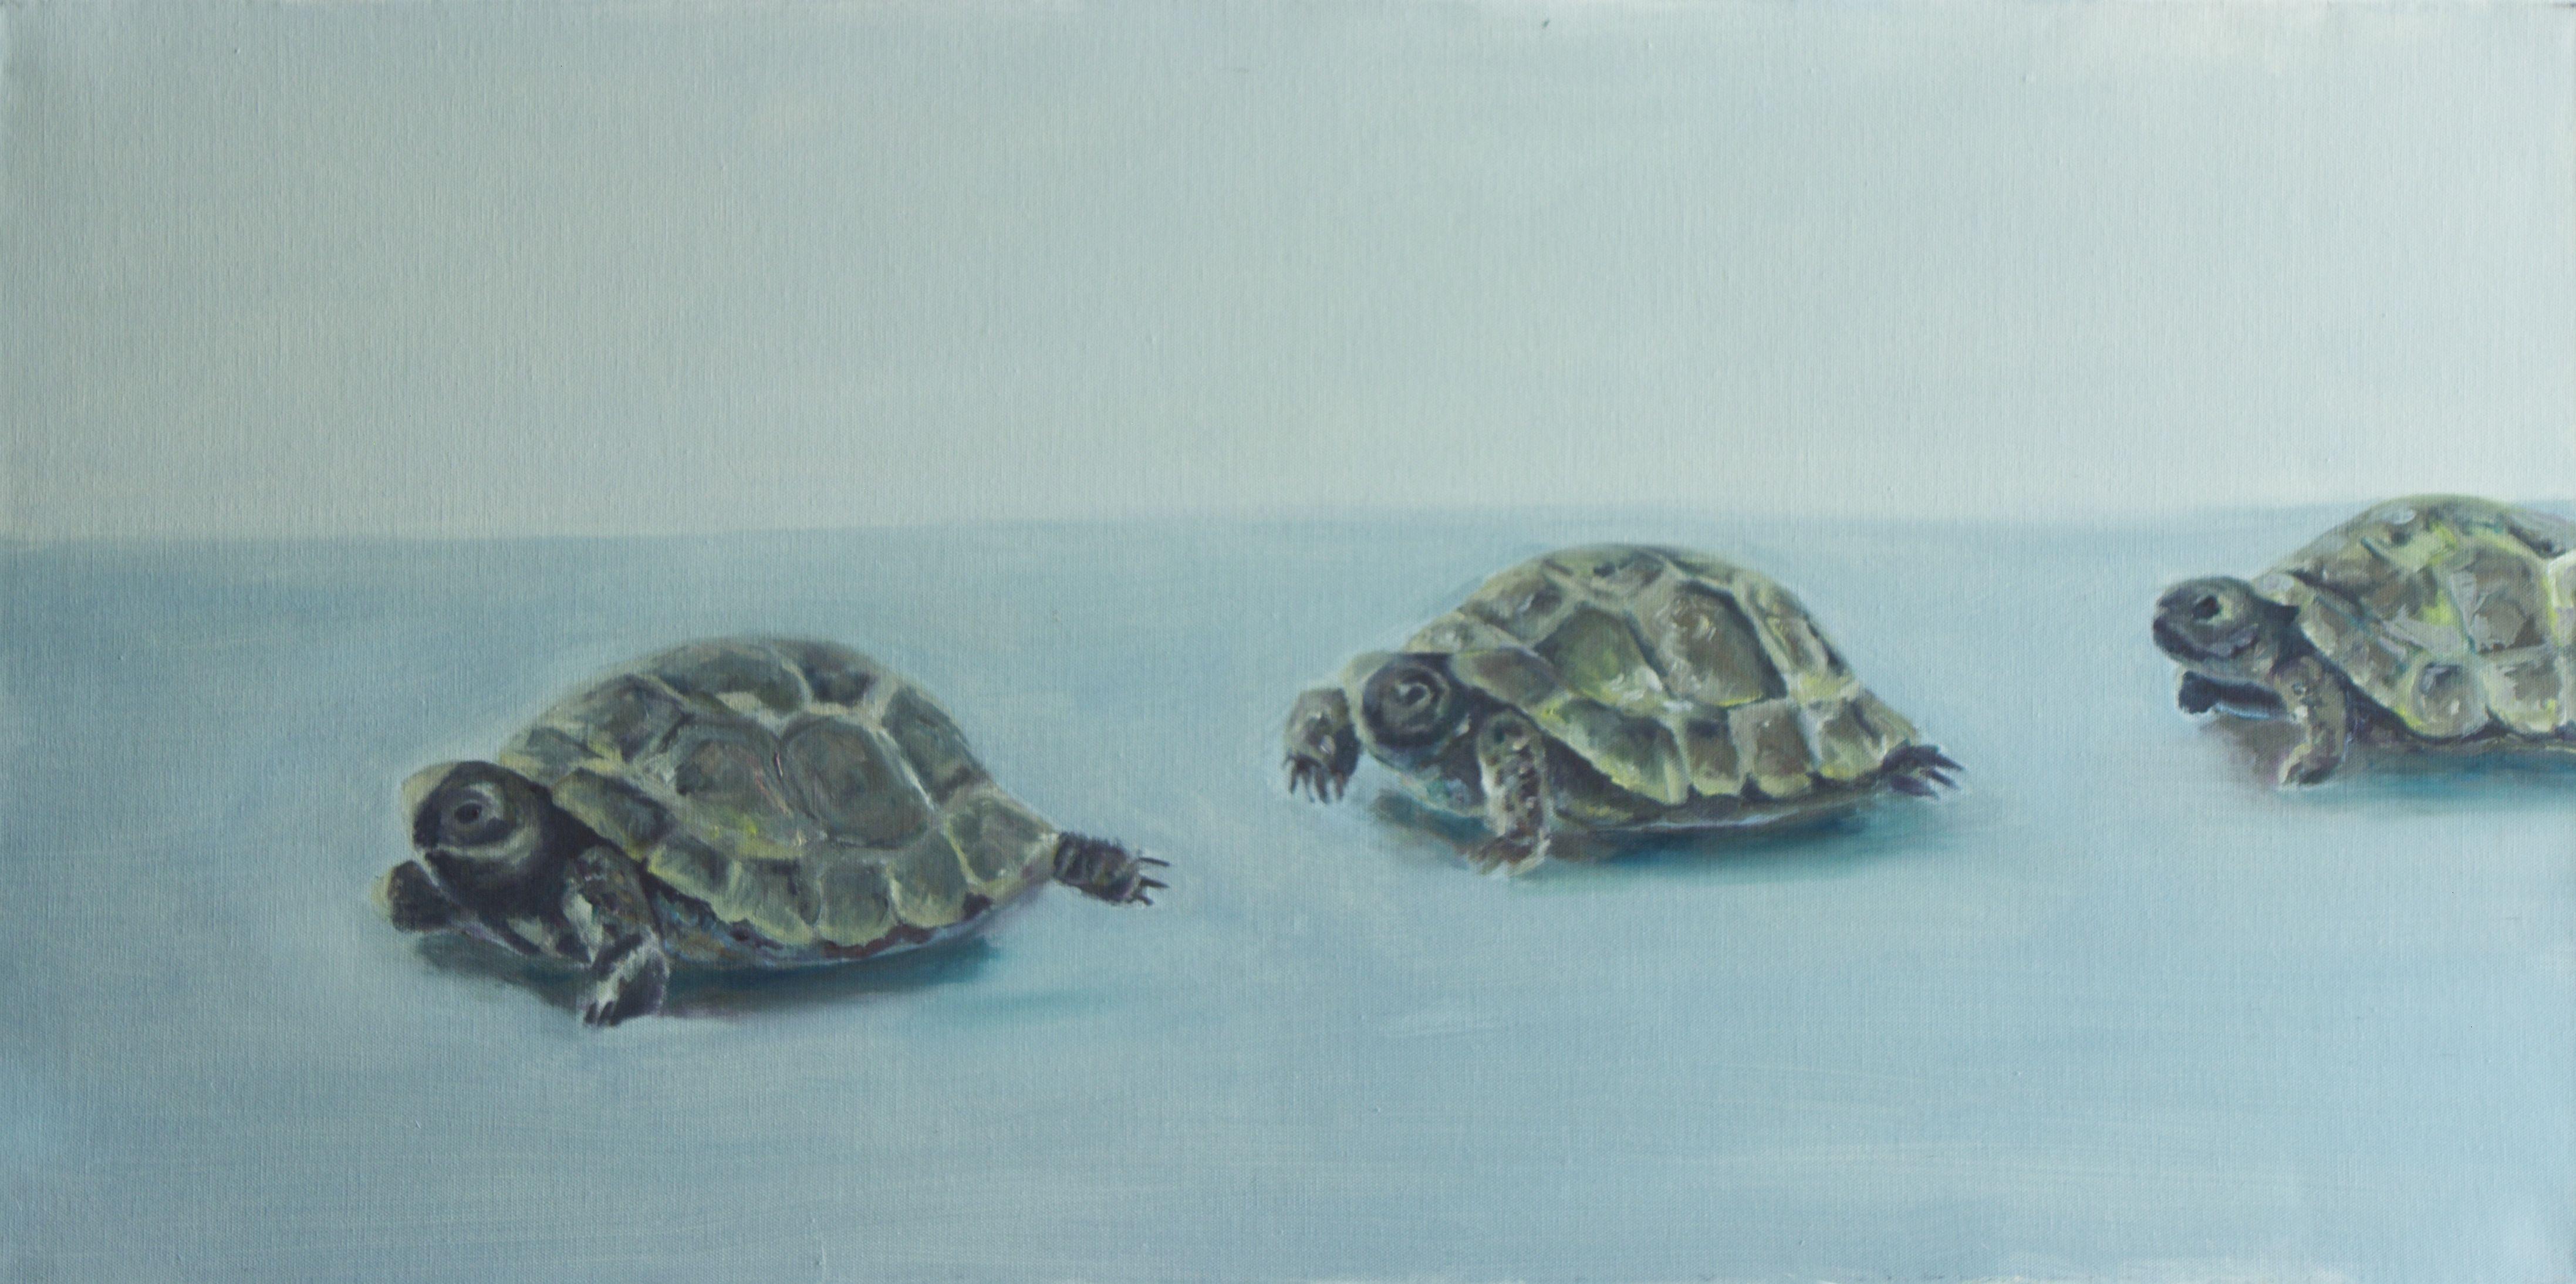 Schildkröten, oil on canvas, 50x100cm, 2010, available by artist: charlotte@vonelm.net